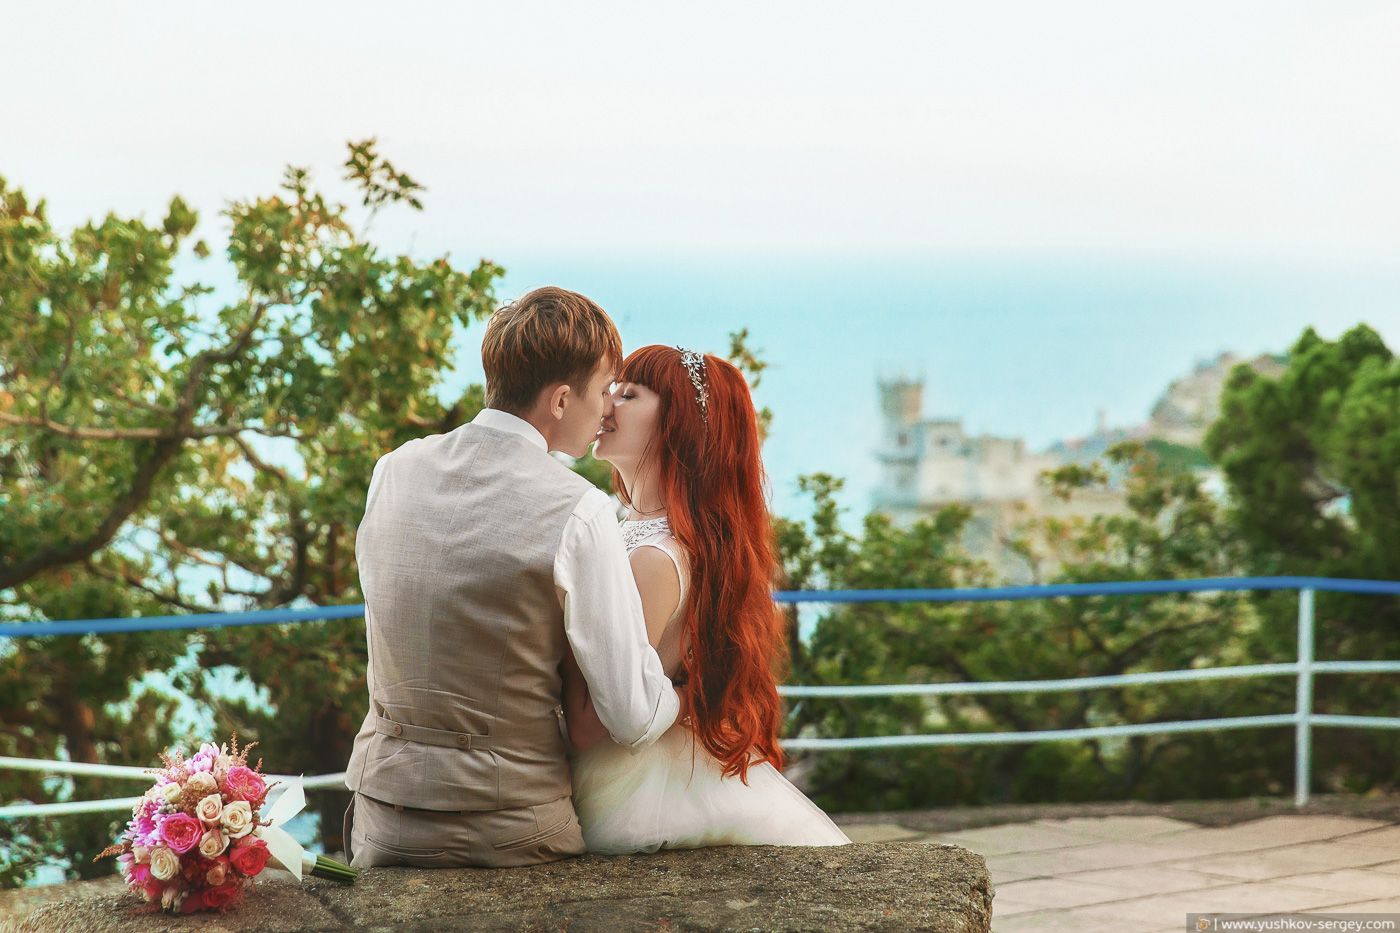 Свадьба для двоих в Крыму. Свадебная фотосессия а дворца Ласточкино гнездо, Ялта. Фотограф - Сергей Юшков.